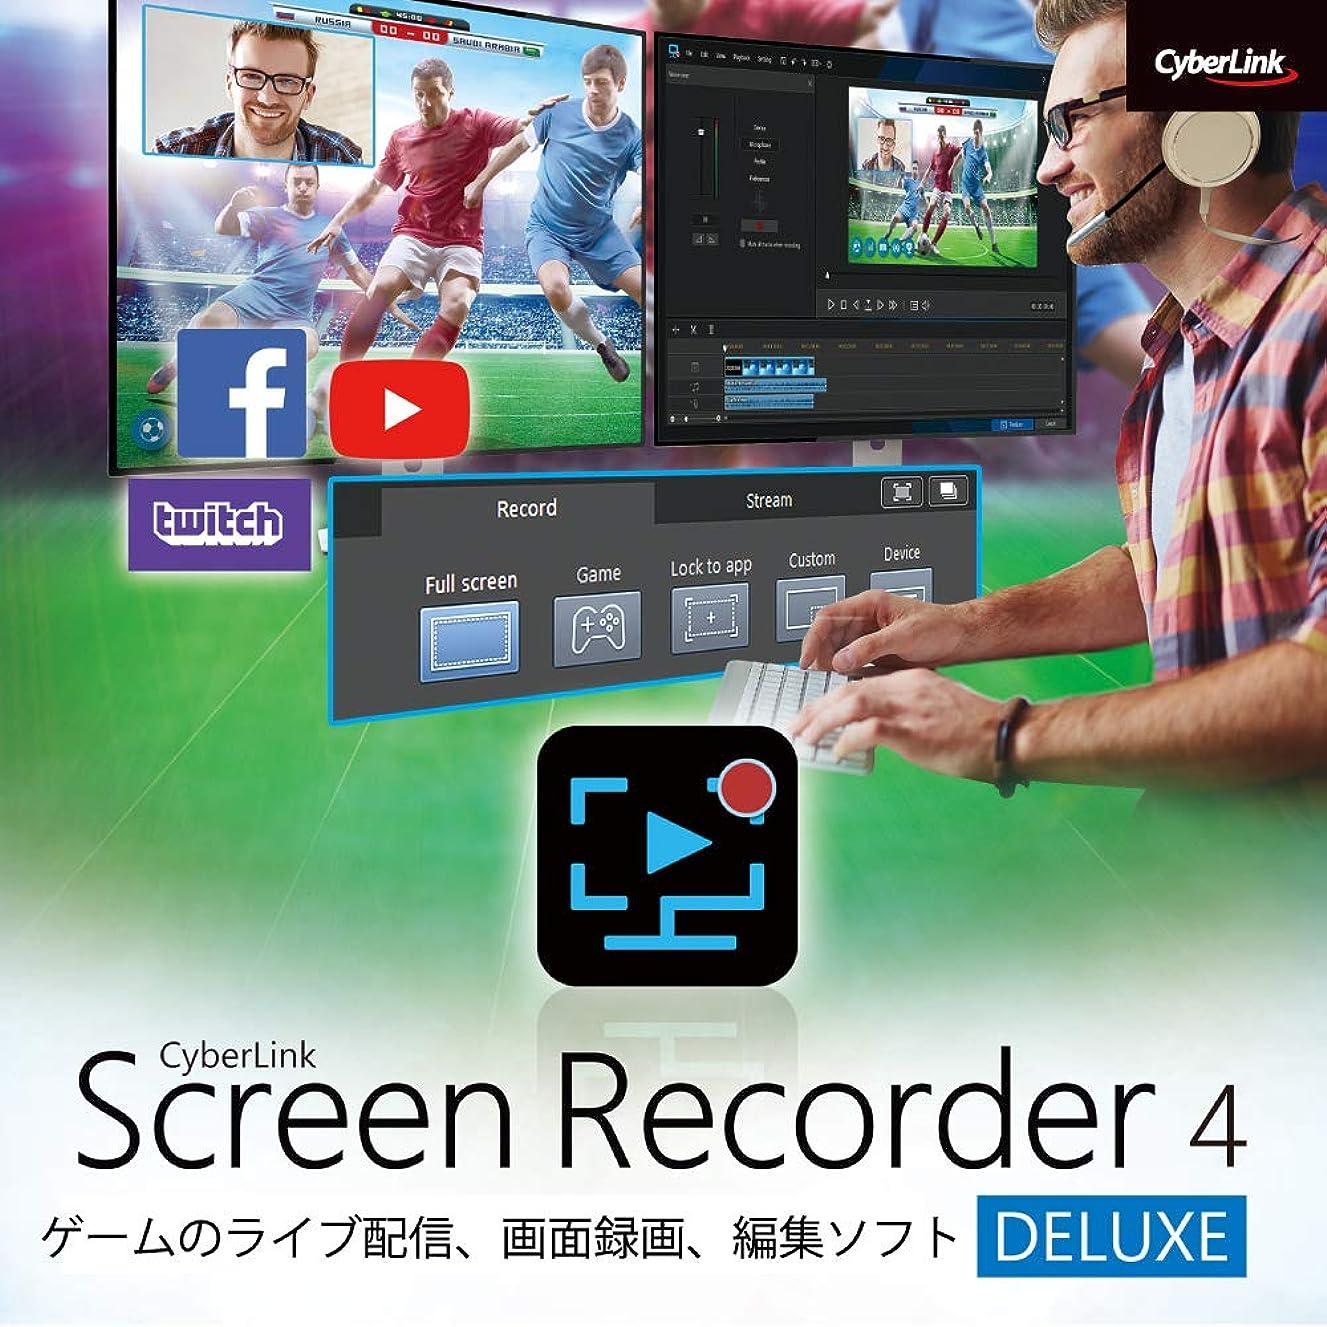 ジョージエリオット倫理的サイトラインScreen Recorder 4 Deluxe|ダウンロード版